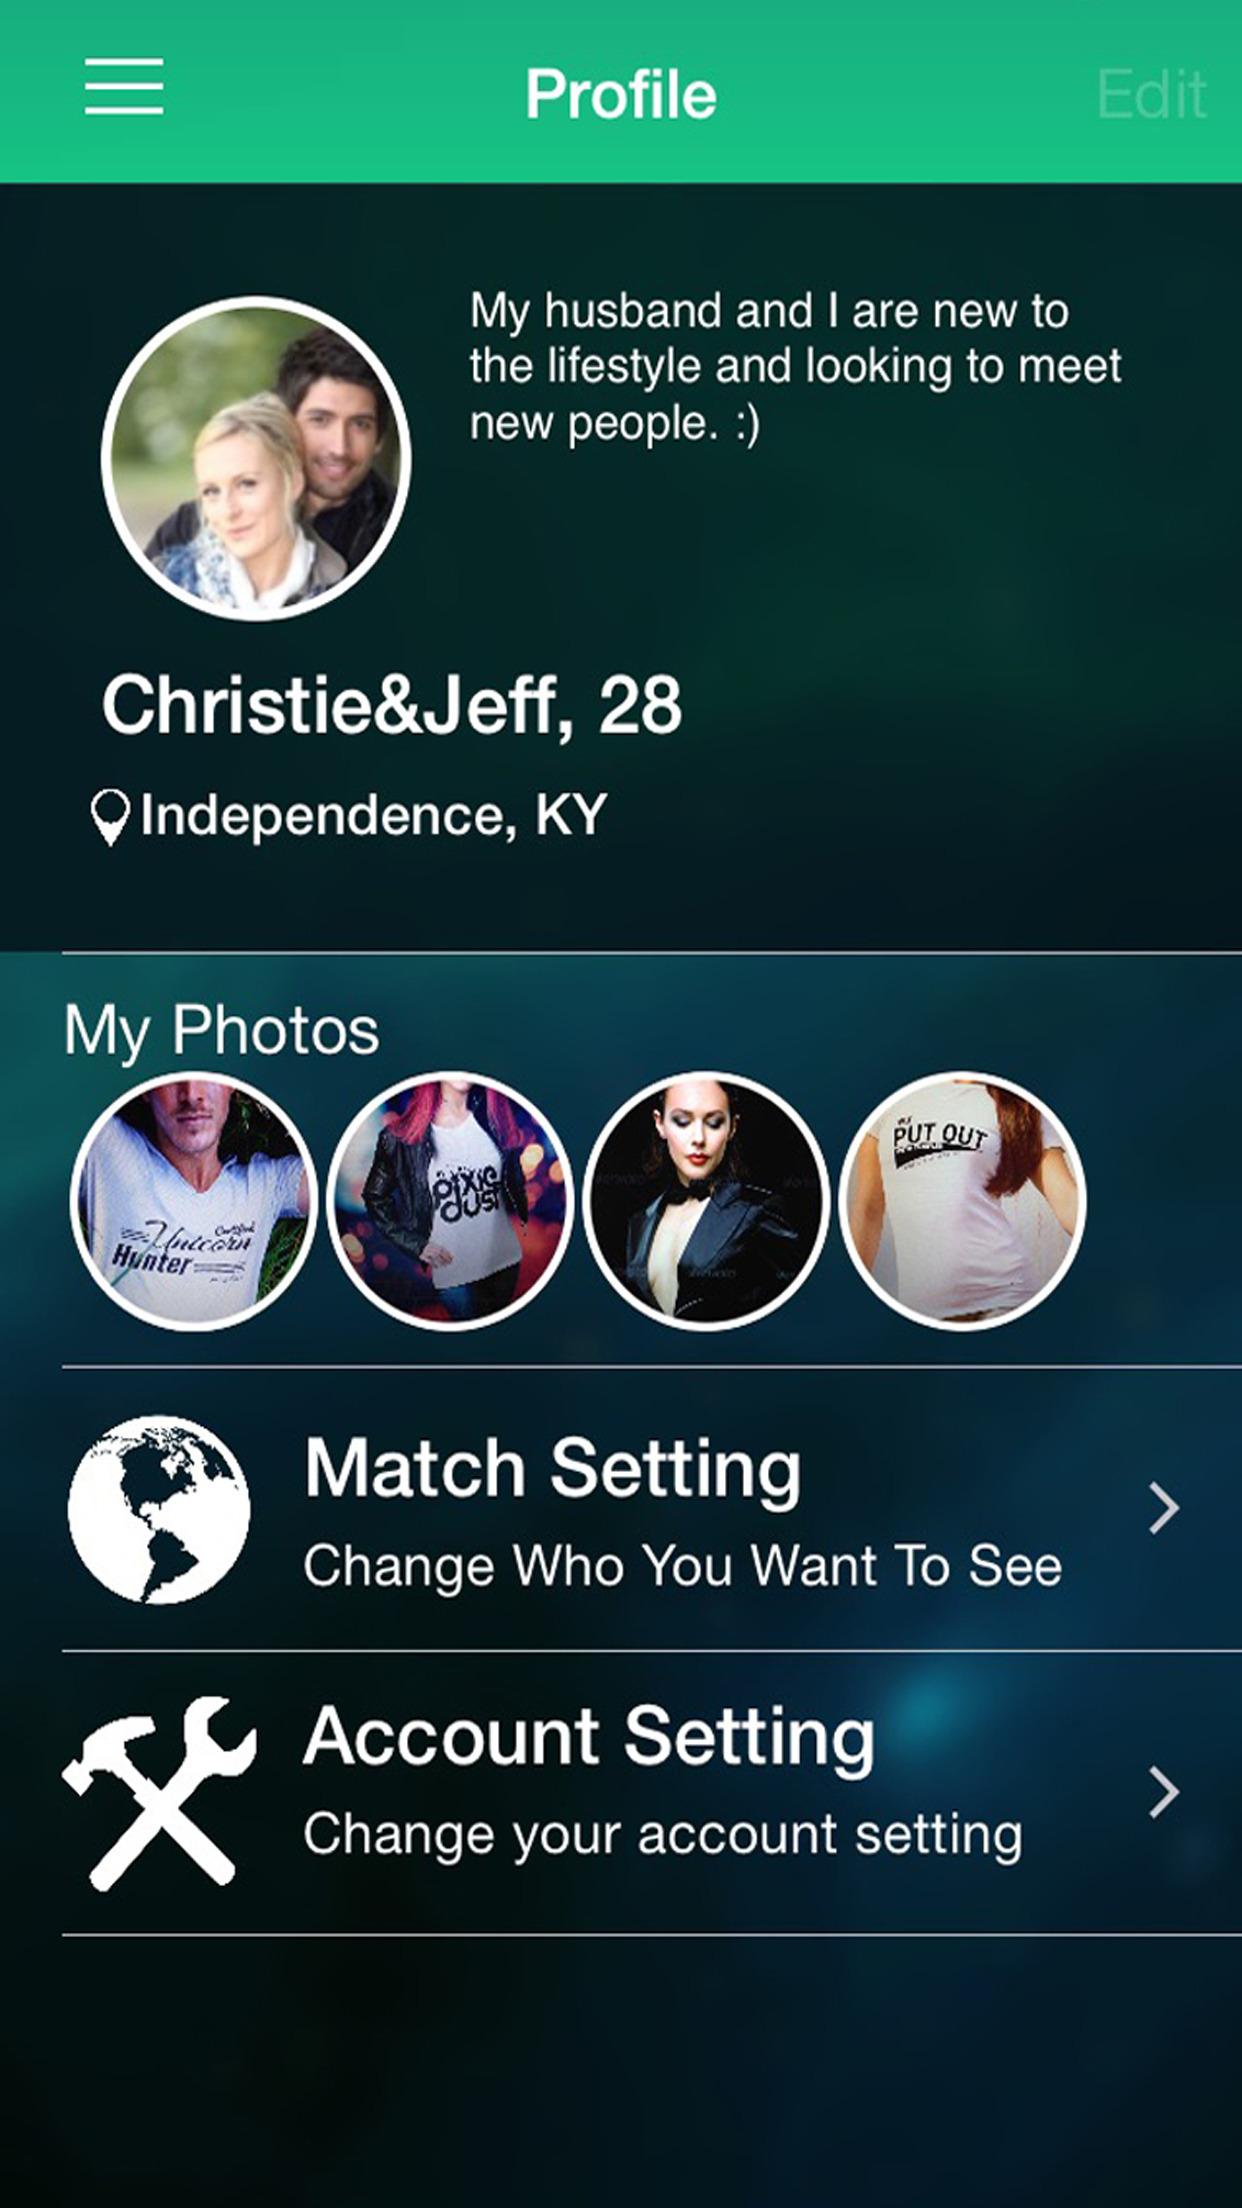 SwingEasy - Lifestyle Dating App